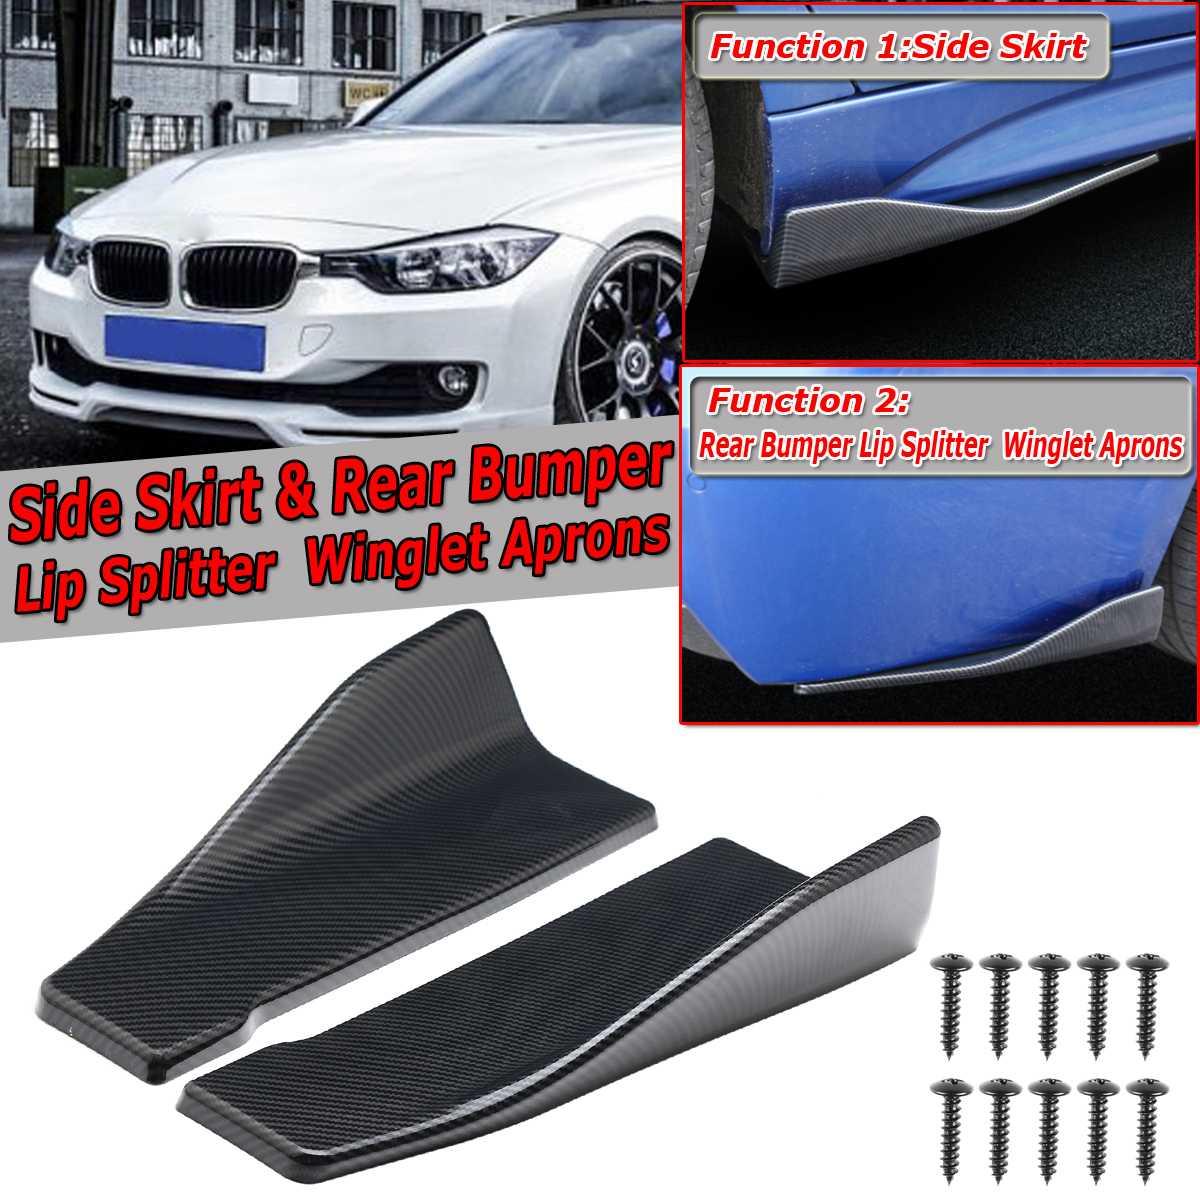 2 stuks 35 cm/48 cm Universele Auto Side Rok & Achterbumper Diffuser Spoiler Lip Splitter Winglet Schorten carbon Fiber Voor Benz Voor BMW